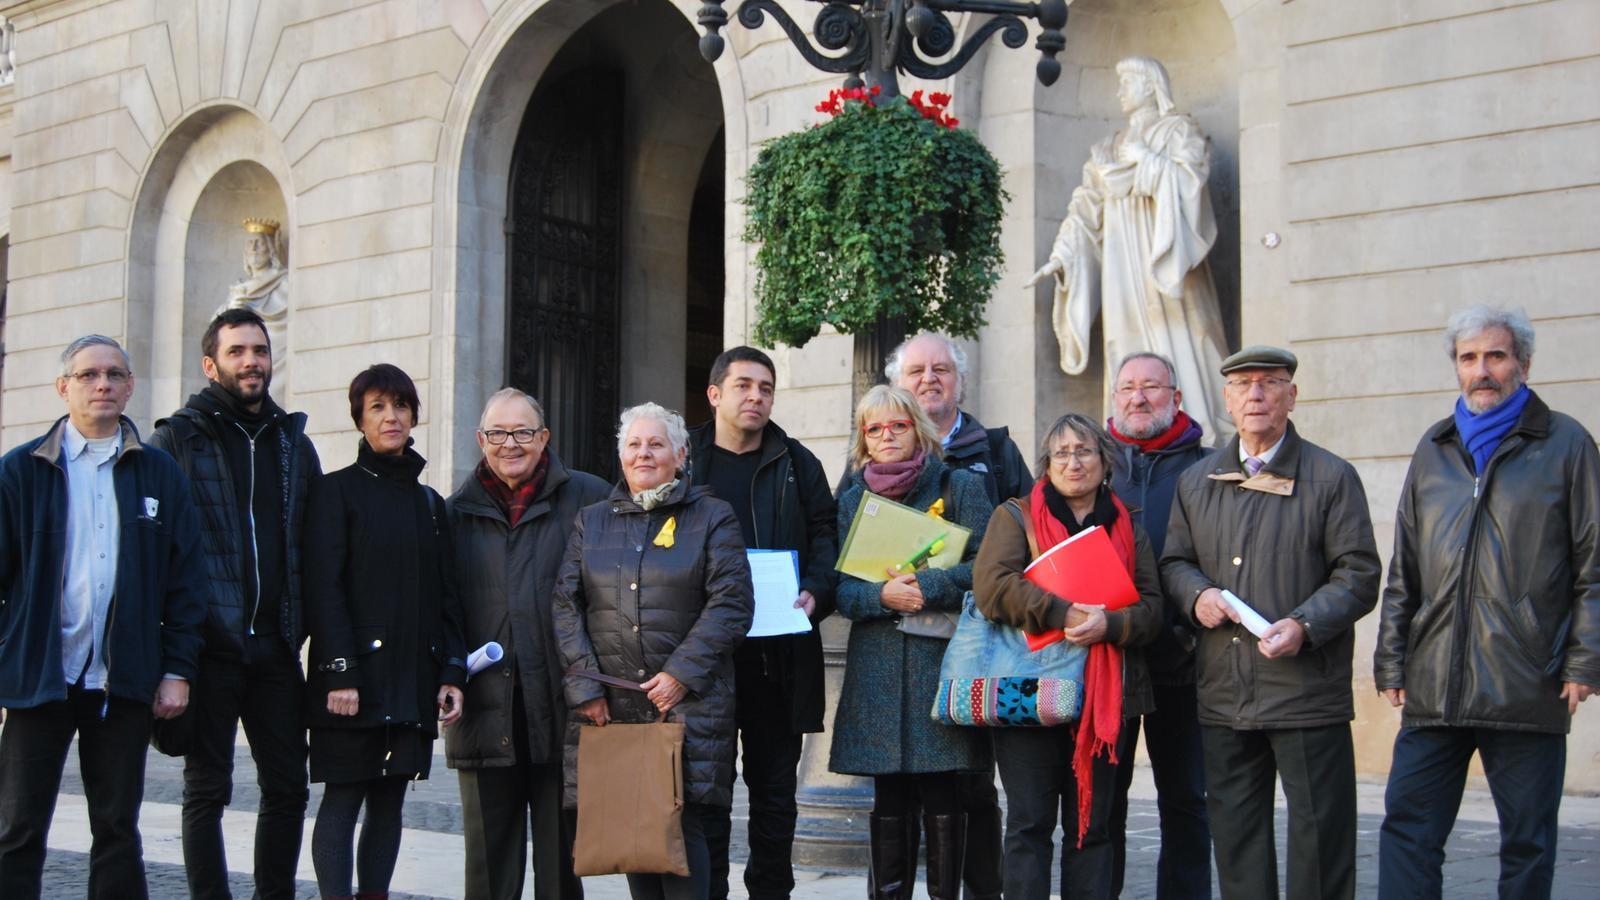 Les entitats que avui han demanat que el consistori barceloní es querelli contra els crims franquistes